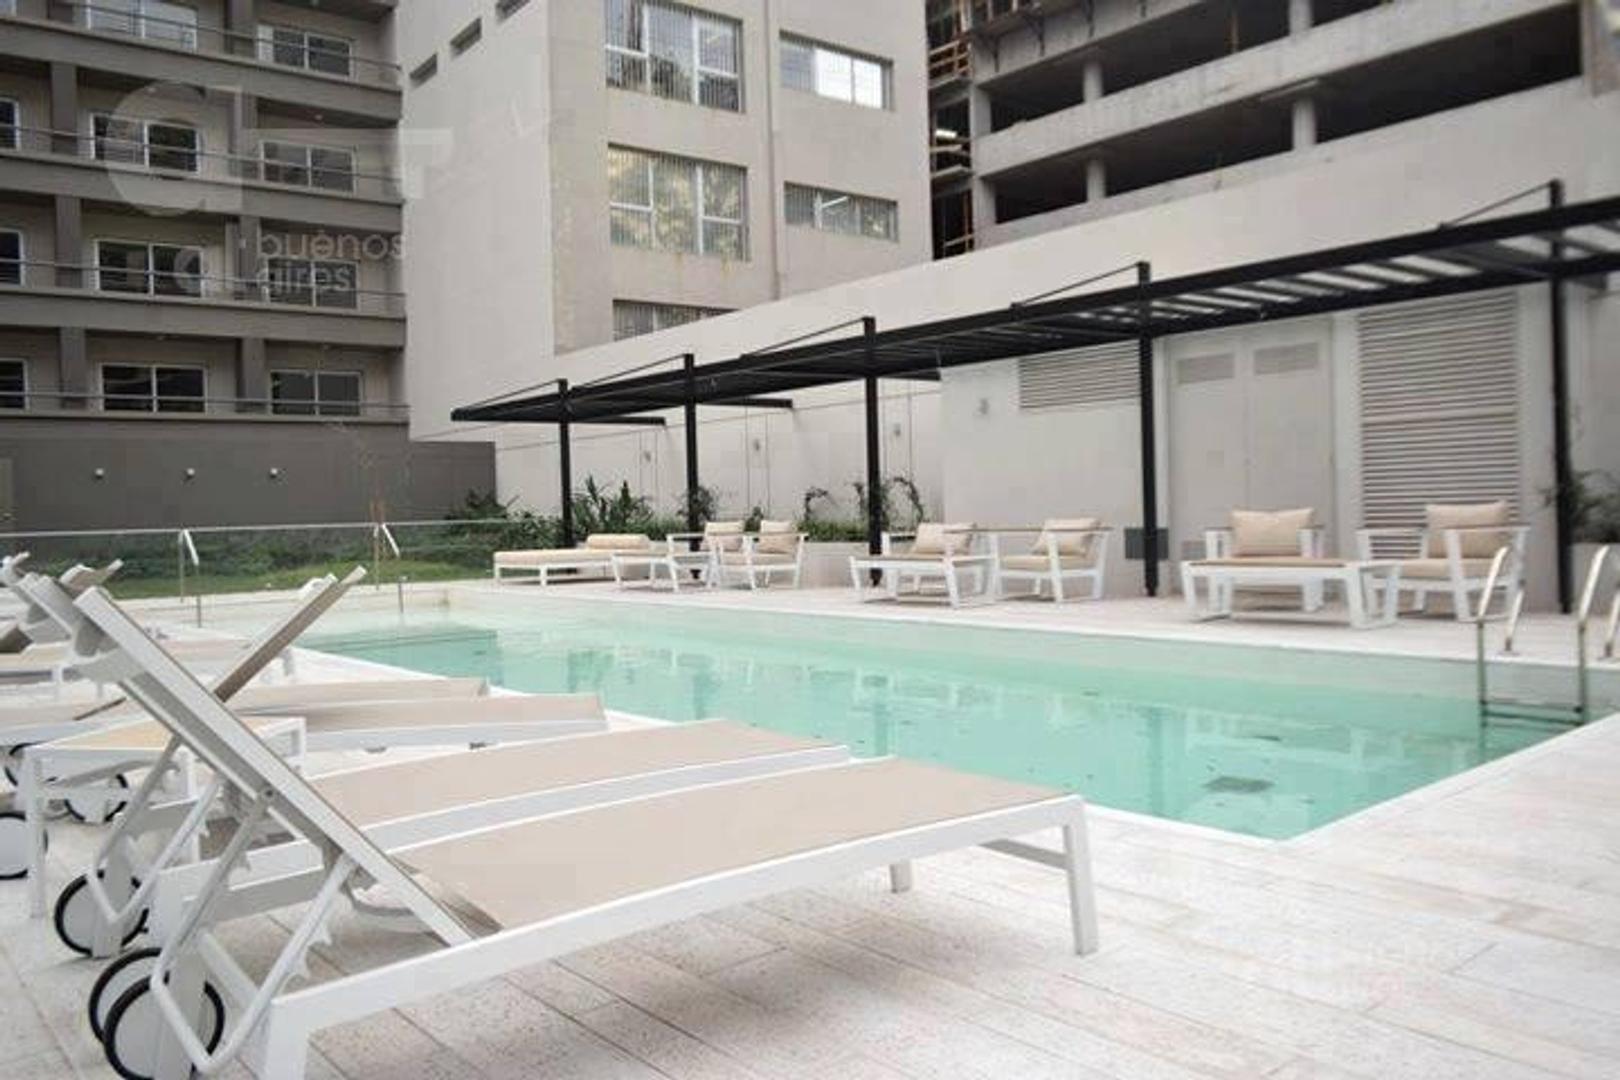 Villa Crespo. Moderno Loft con amenities. Alquiler temporario sin garantías.